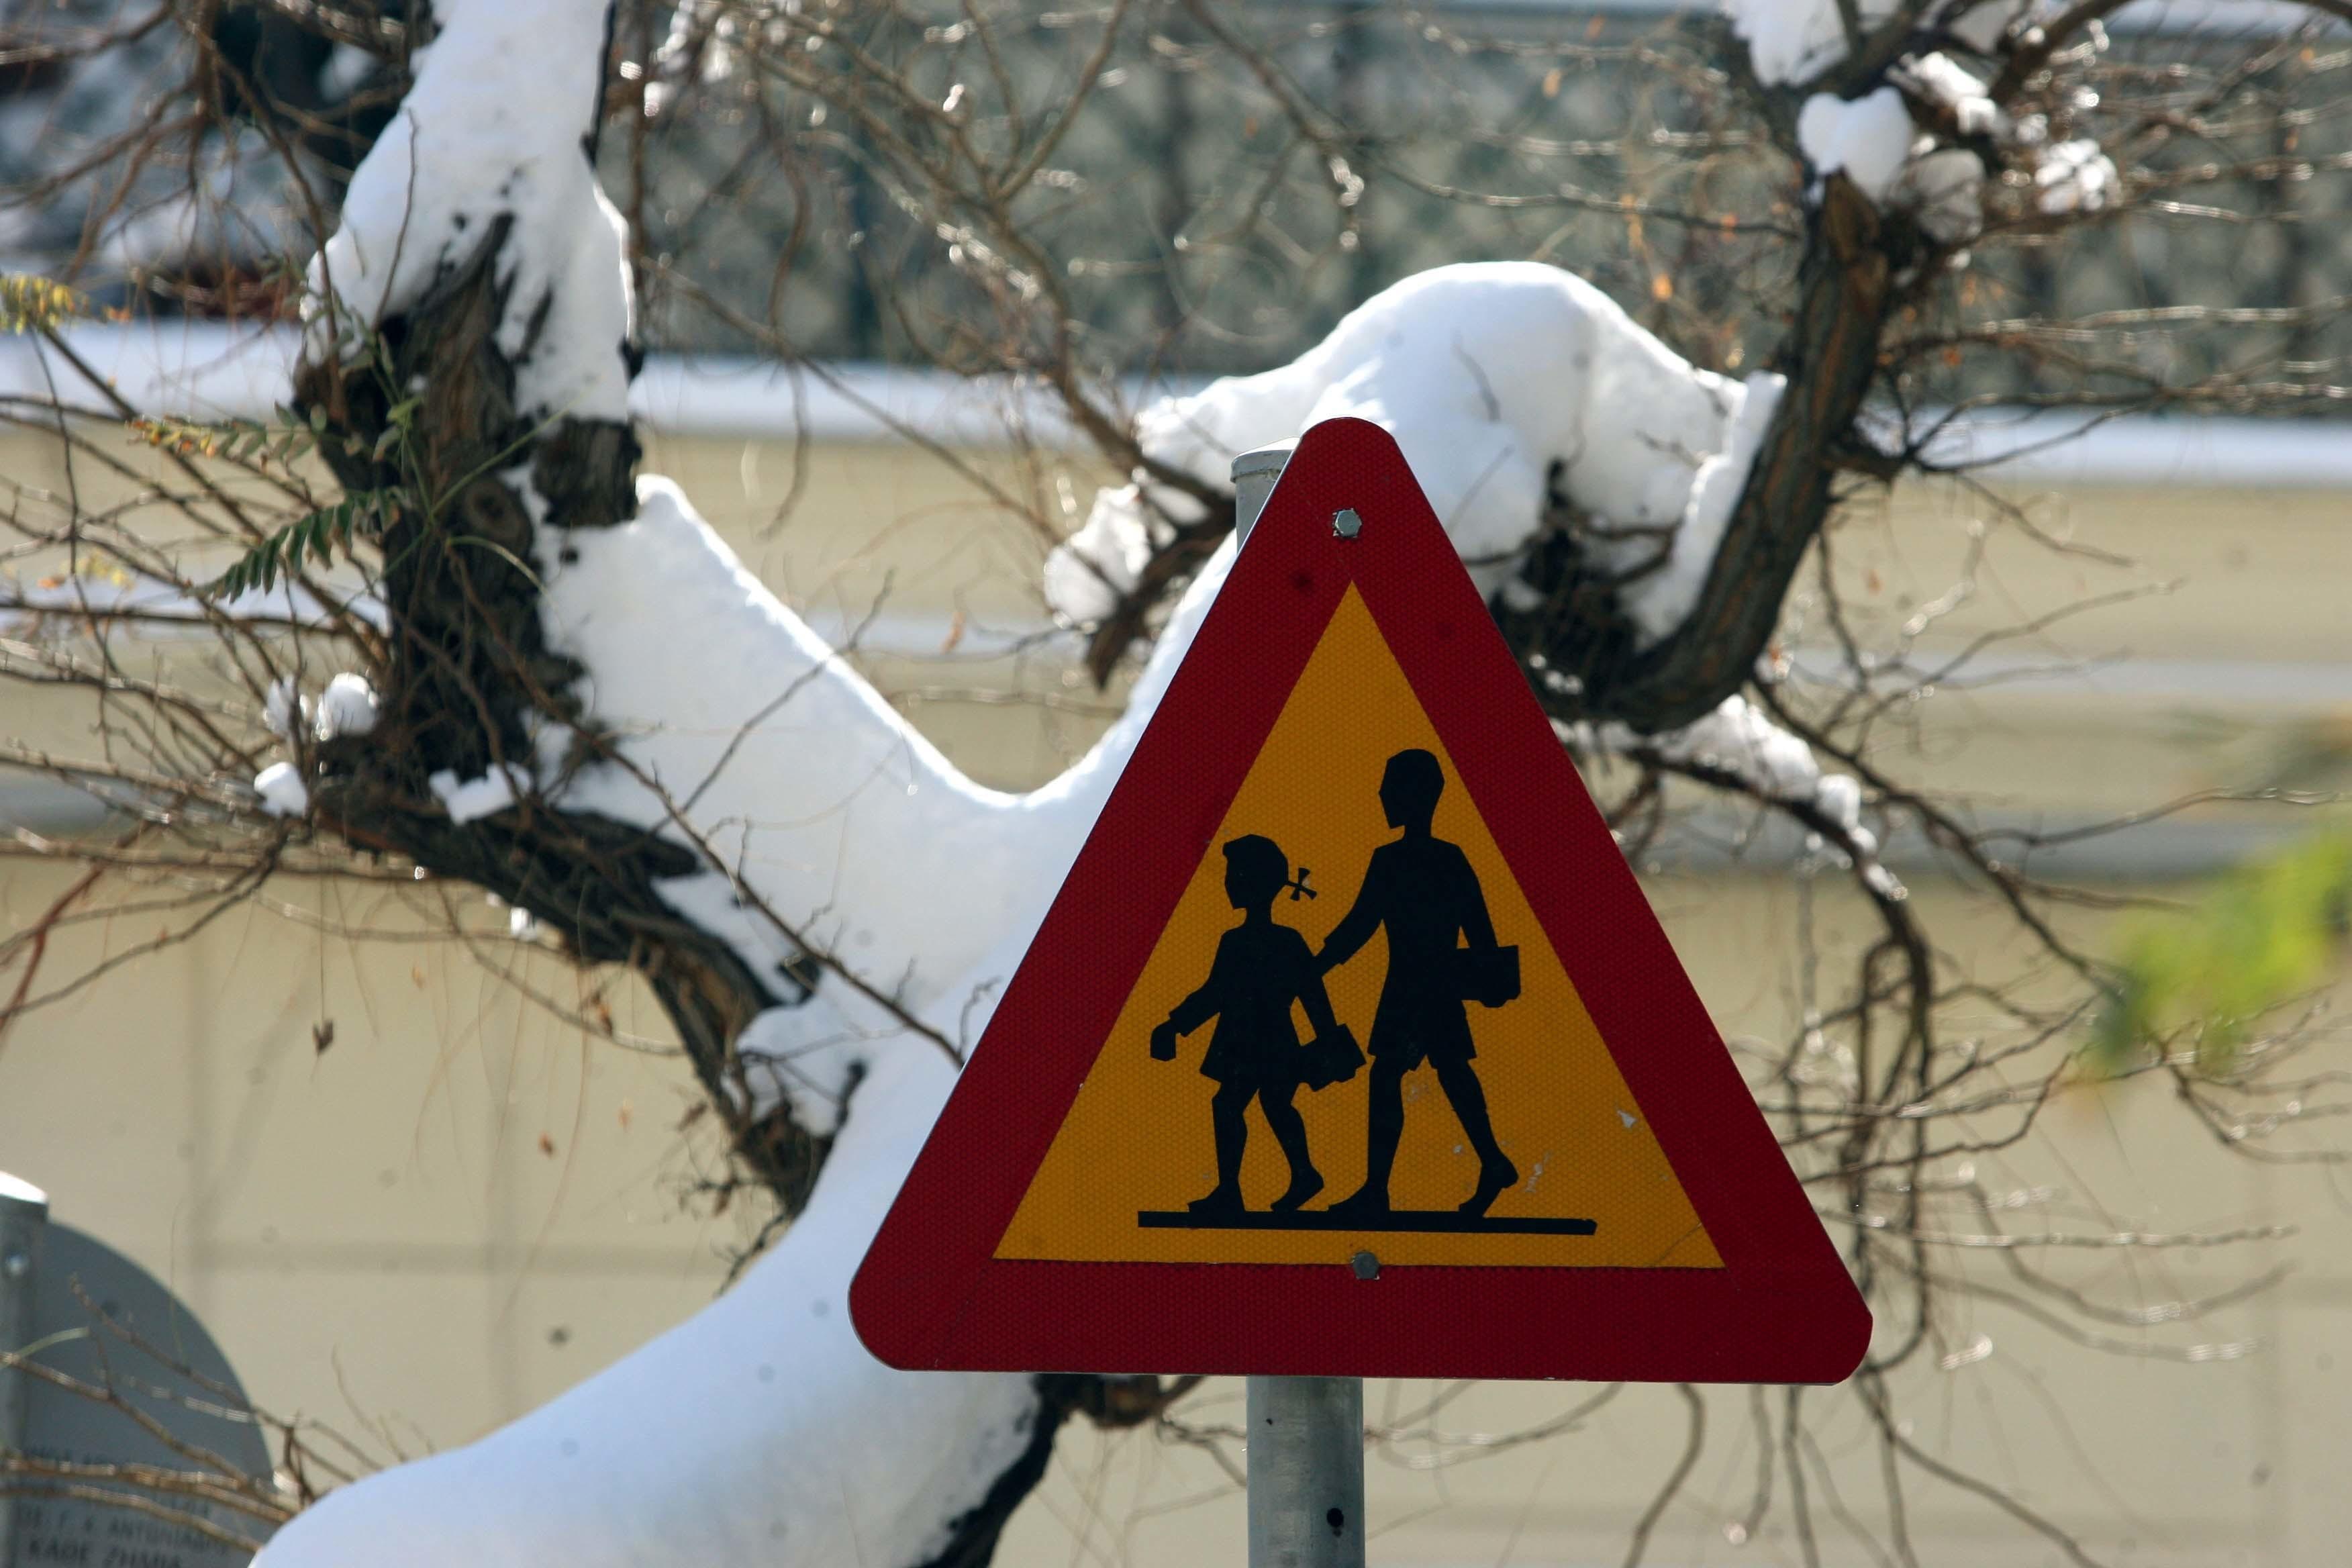 Πυκνό χιόνι στο νομό Γρεβενών - ΦΩΤΟ EUROKINISSI